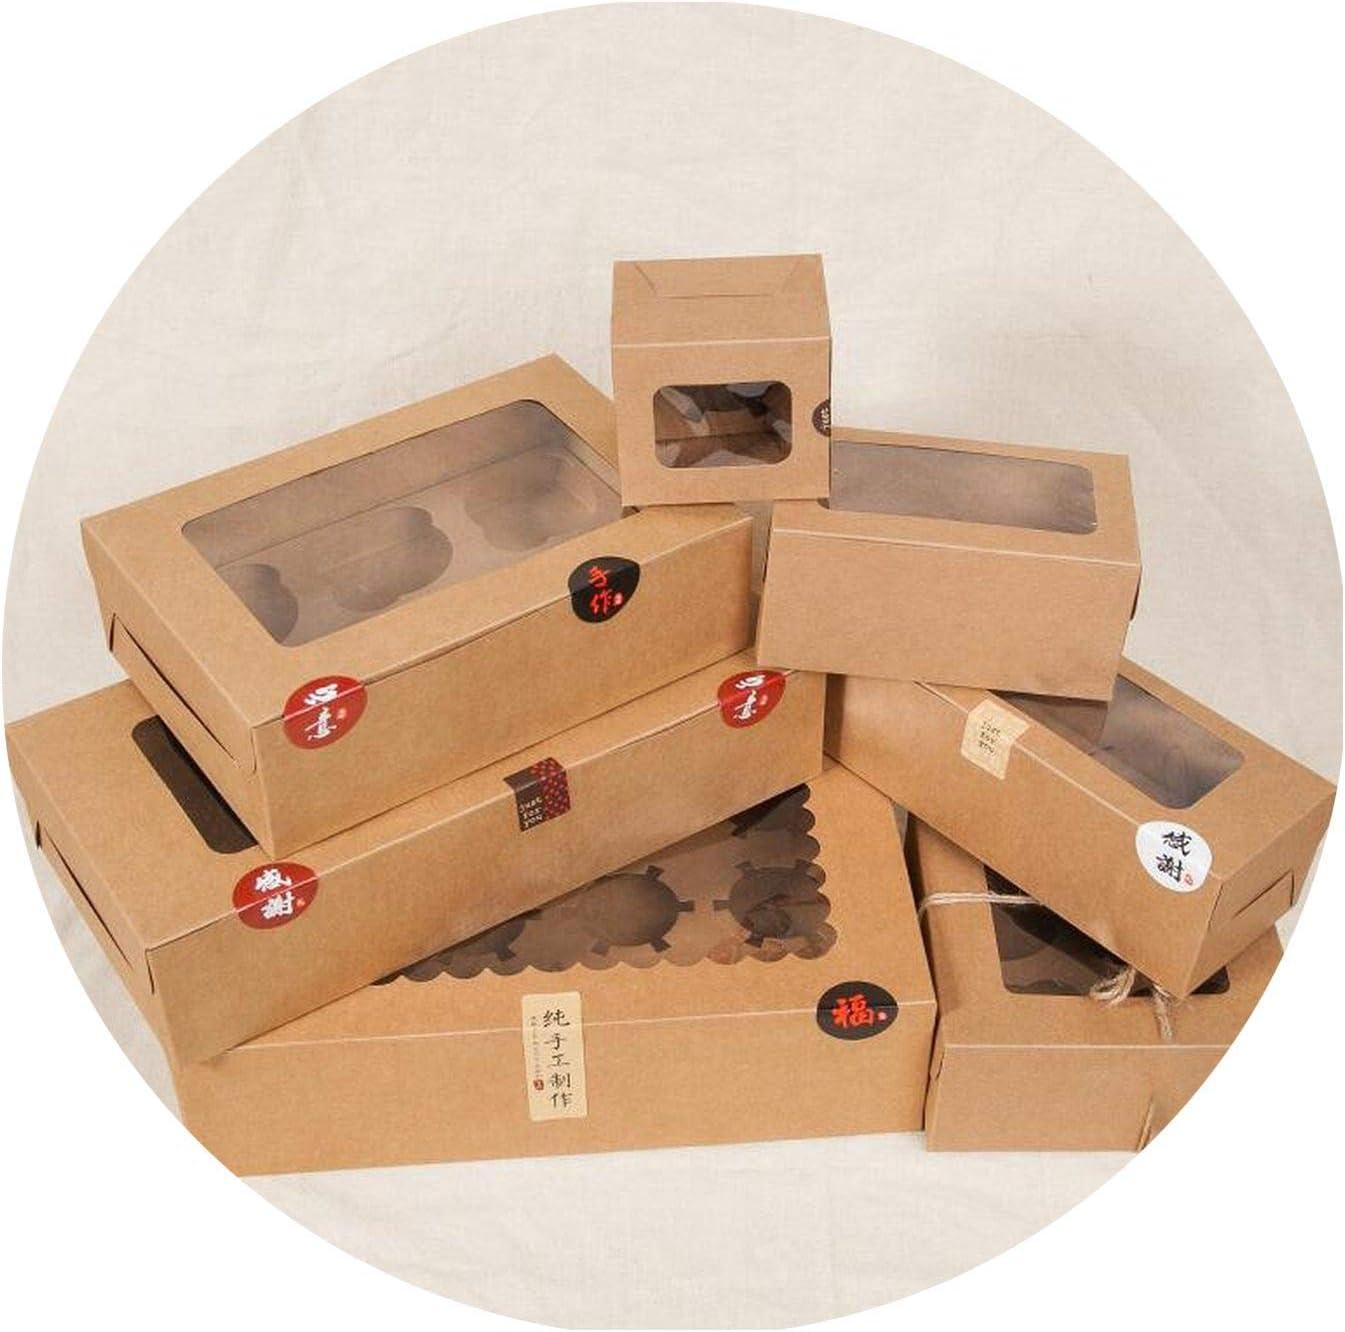 smile-xj Caja de cartón para 6 Cupcakes y Papel de Embalaje para Tartas con Ventana de PVC Transparente, 8 Magdalenas, 4 Cajas de Regalo: Amazon.es: Hogar